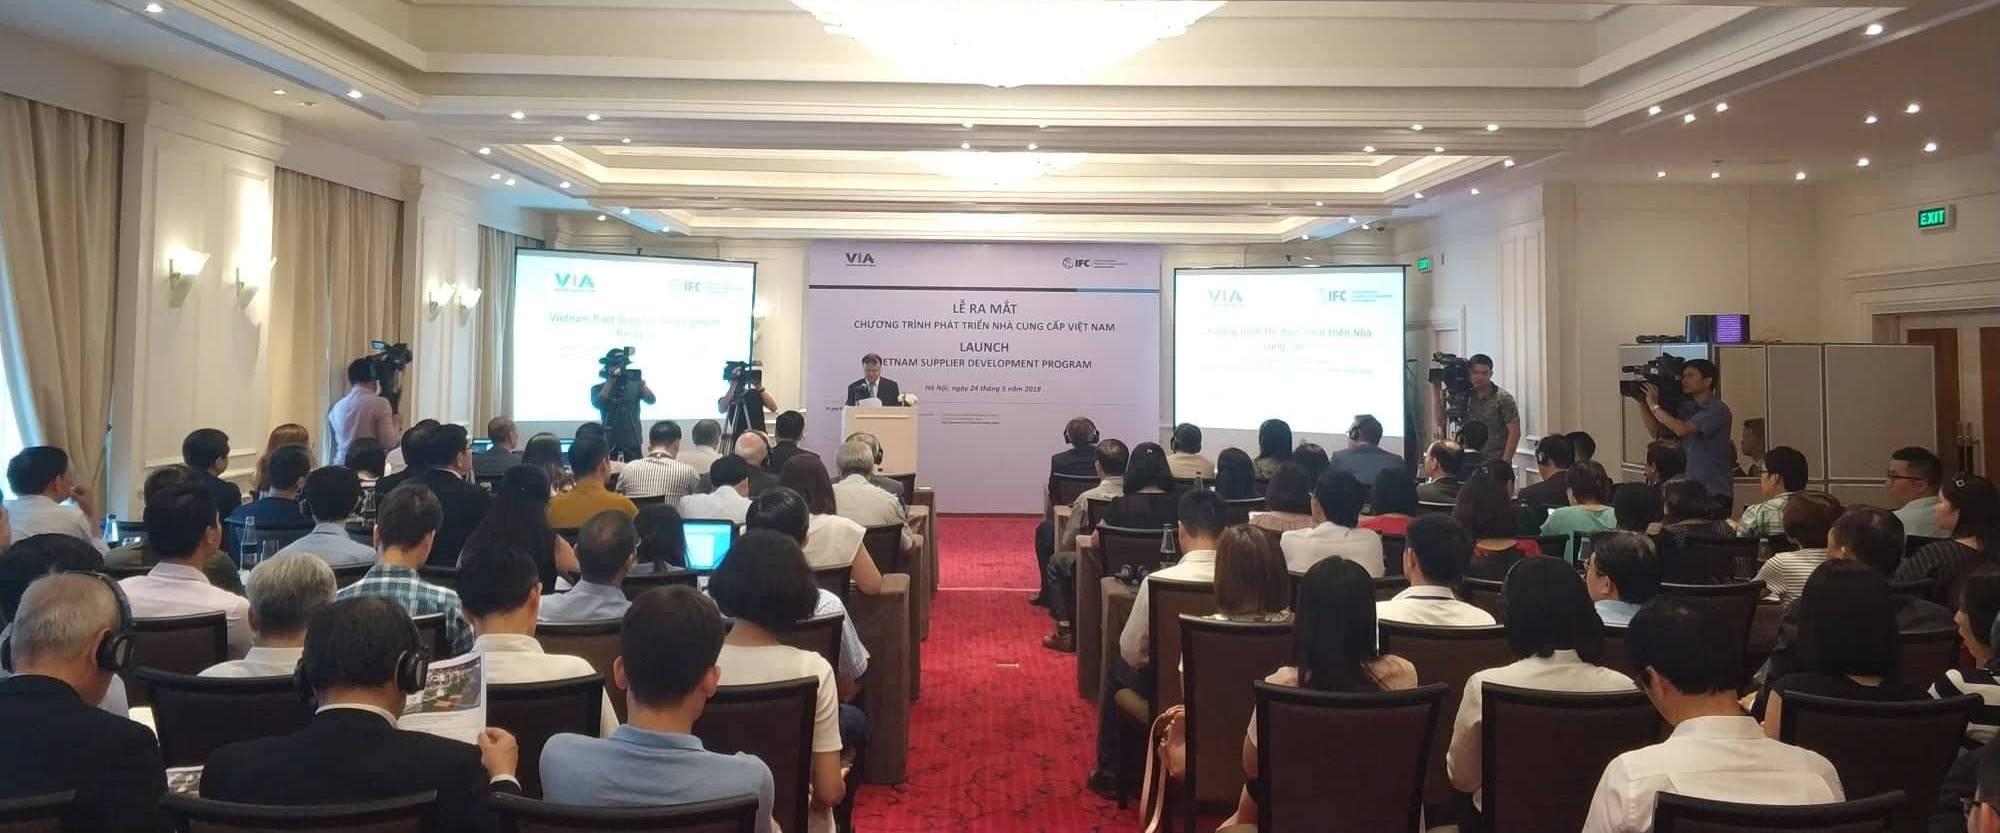 Ra mắt chương trình phát triển nhà cung cấp Việt Nam